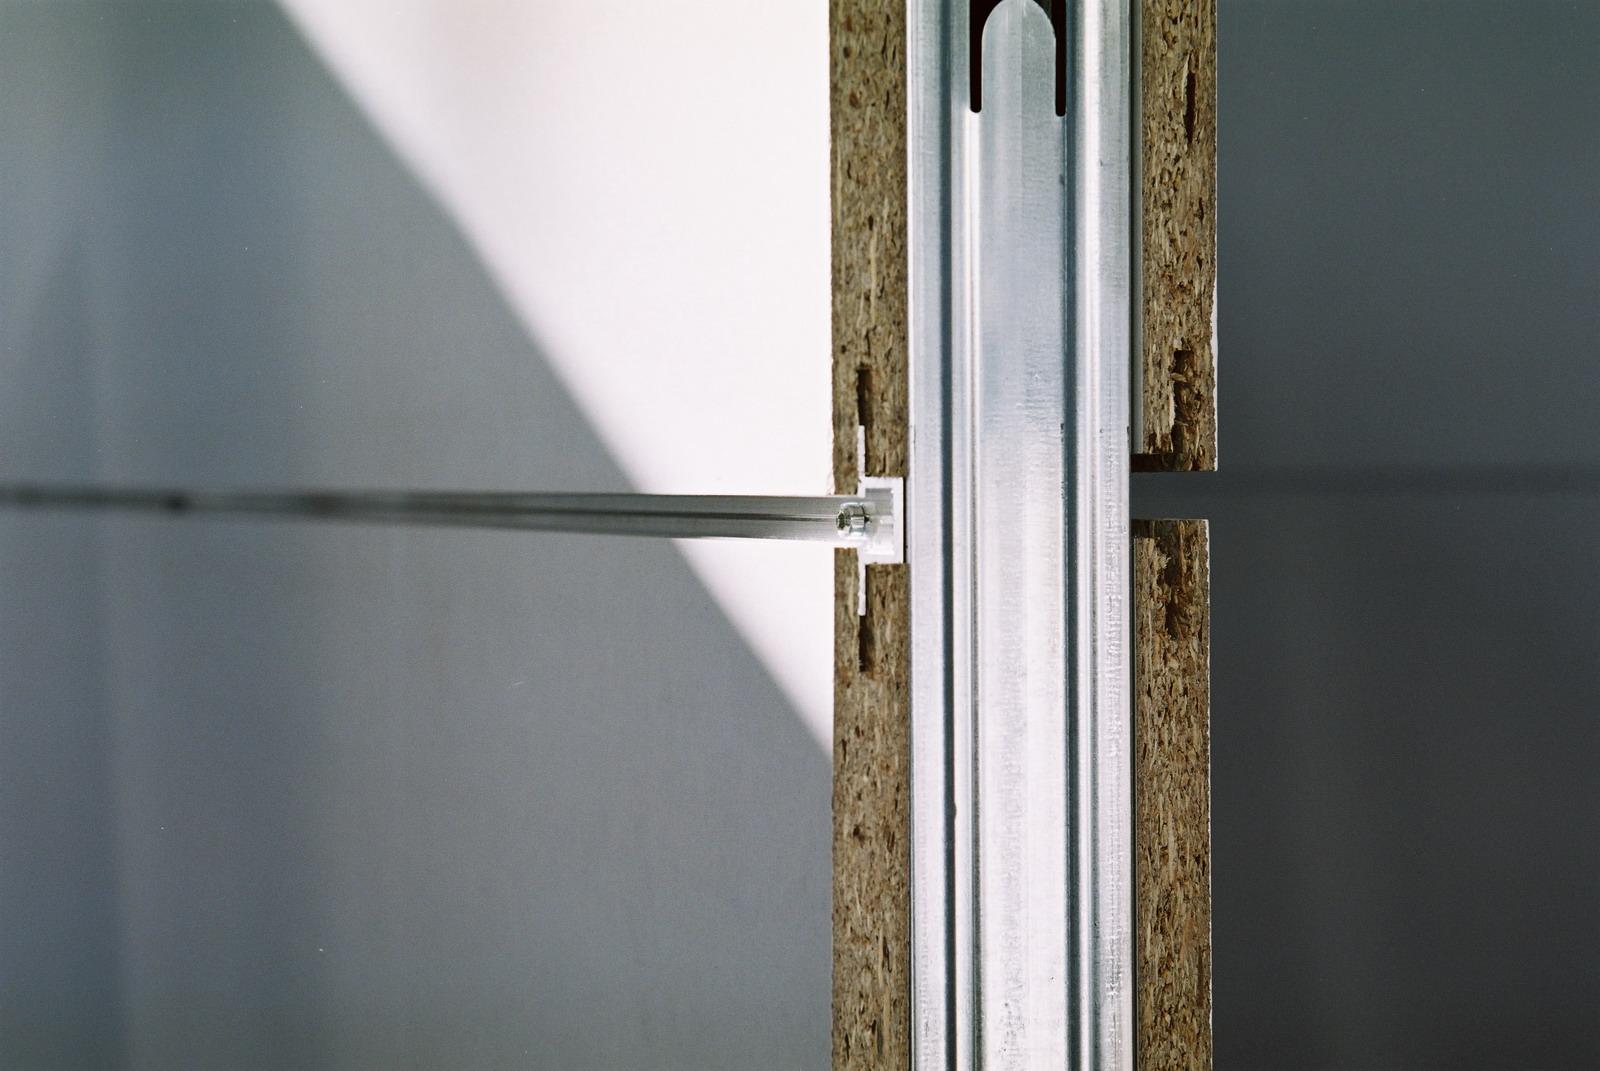 telekom messesystem effizientes messe interior design. Black Bedroom Furniture Sets. Home Design Ideas